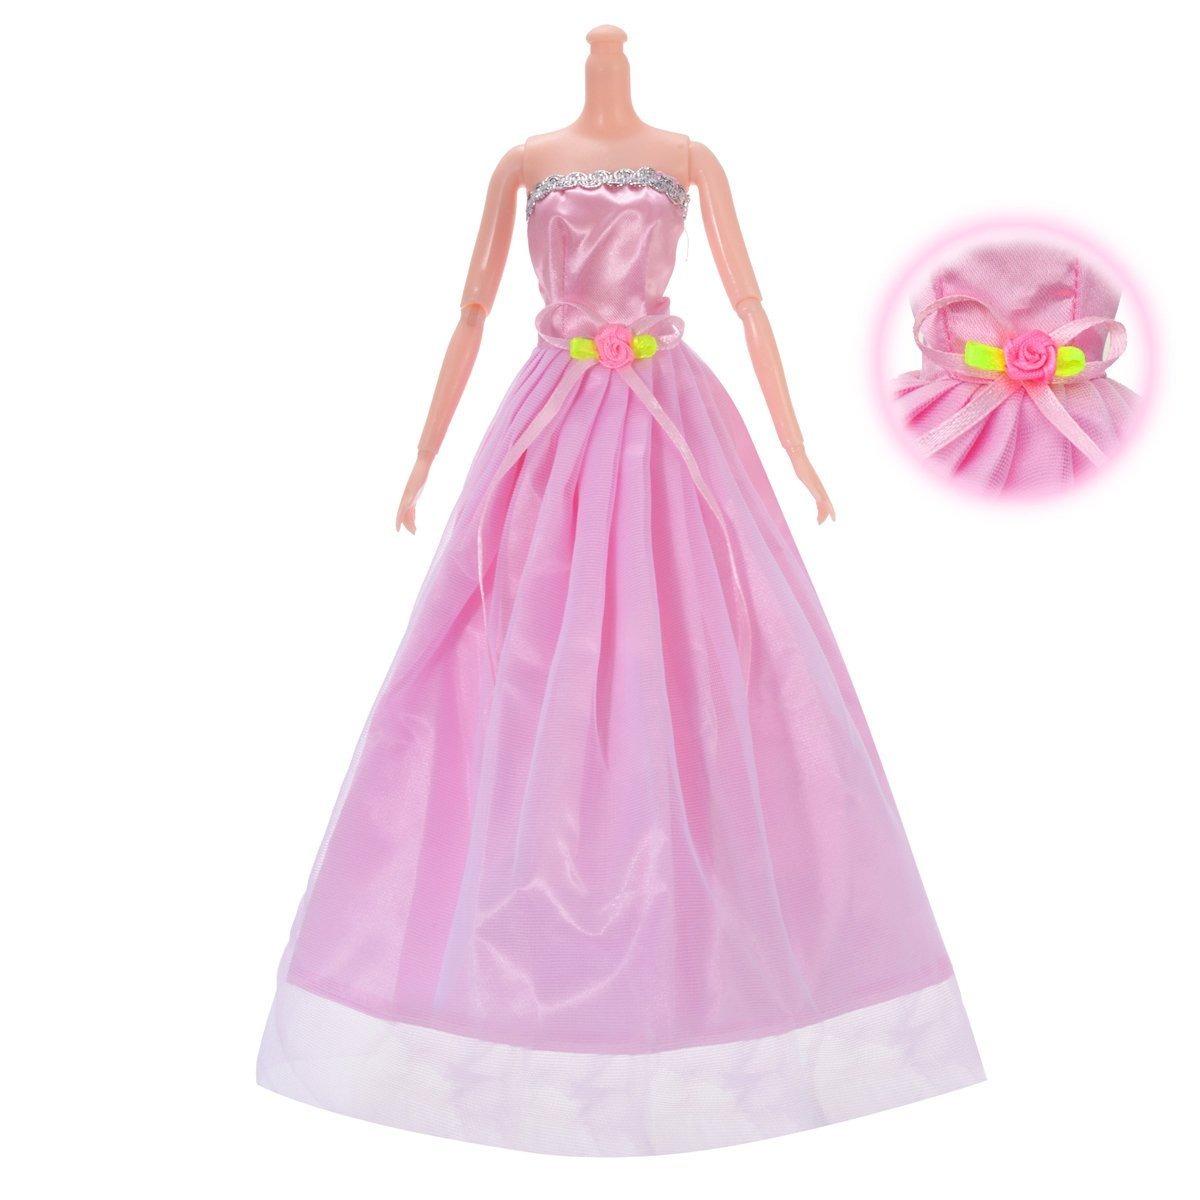 Atractivo Vestidos De Novia Barbie Fotos - Ideas de Estilos de ...